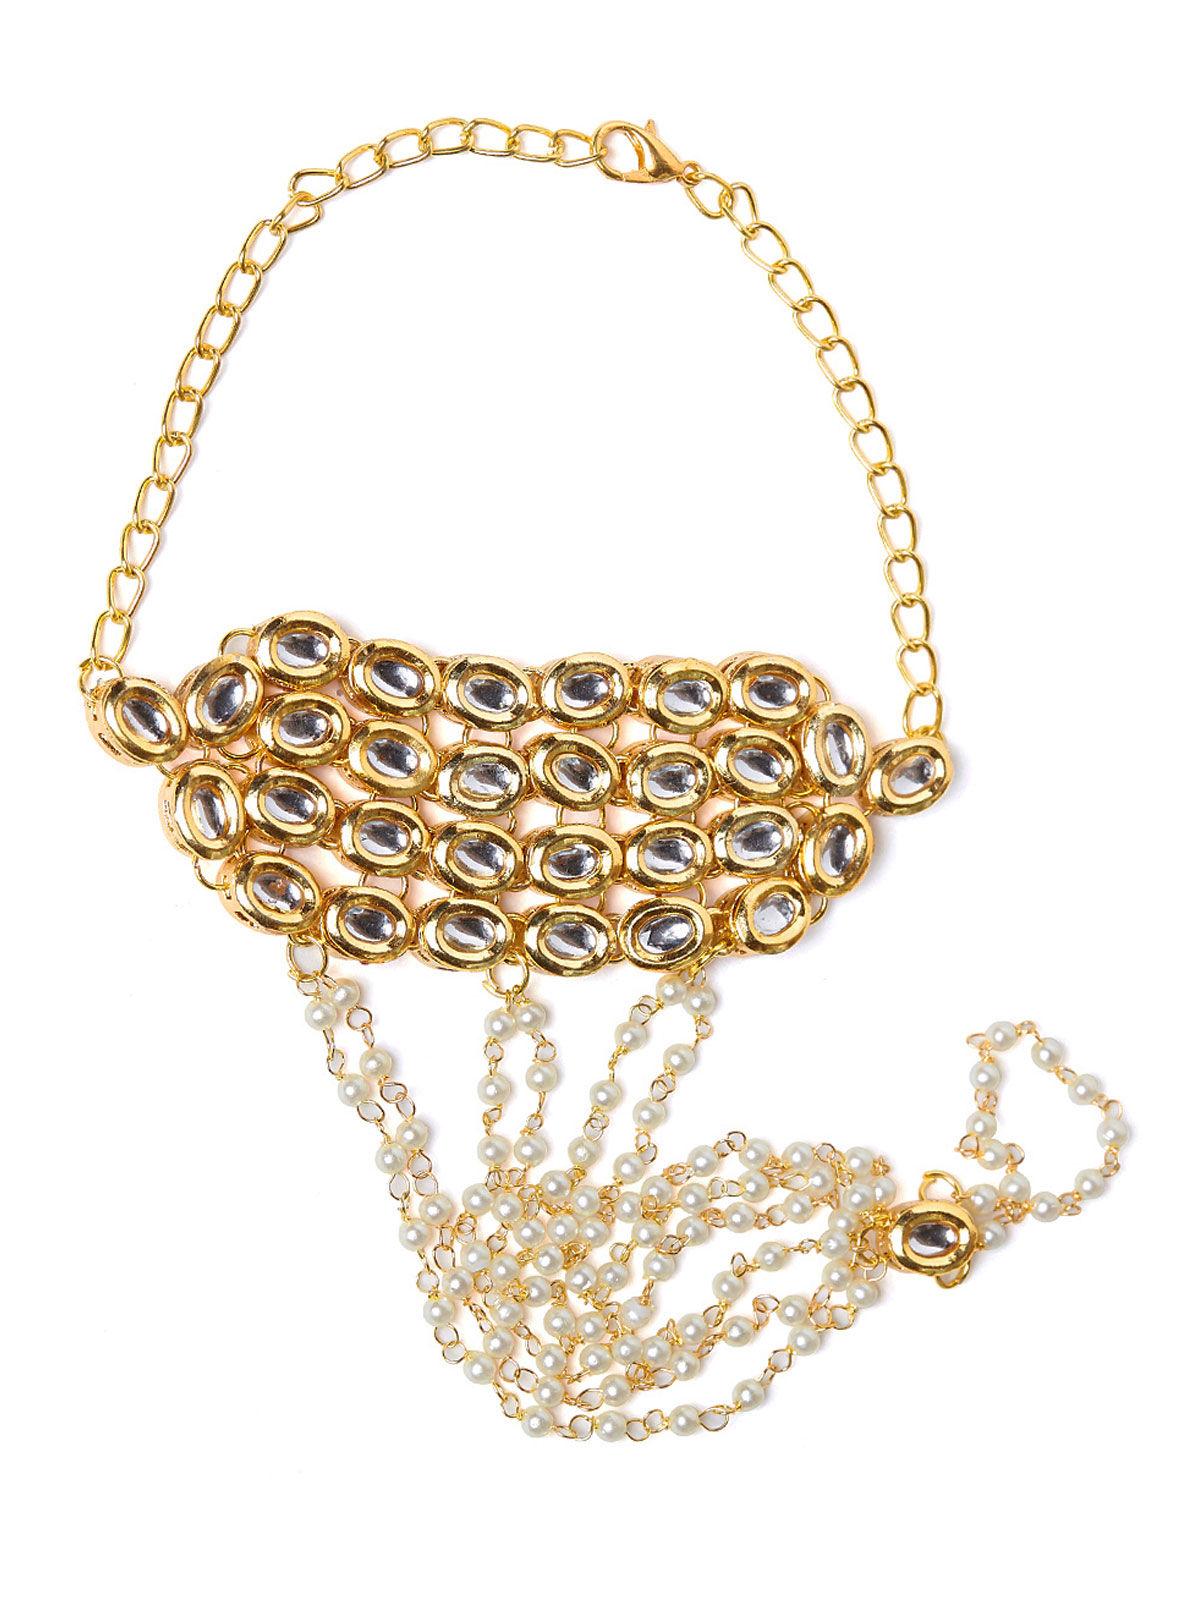 Imli Street golden bracelet